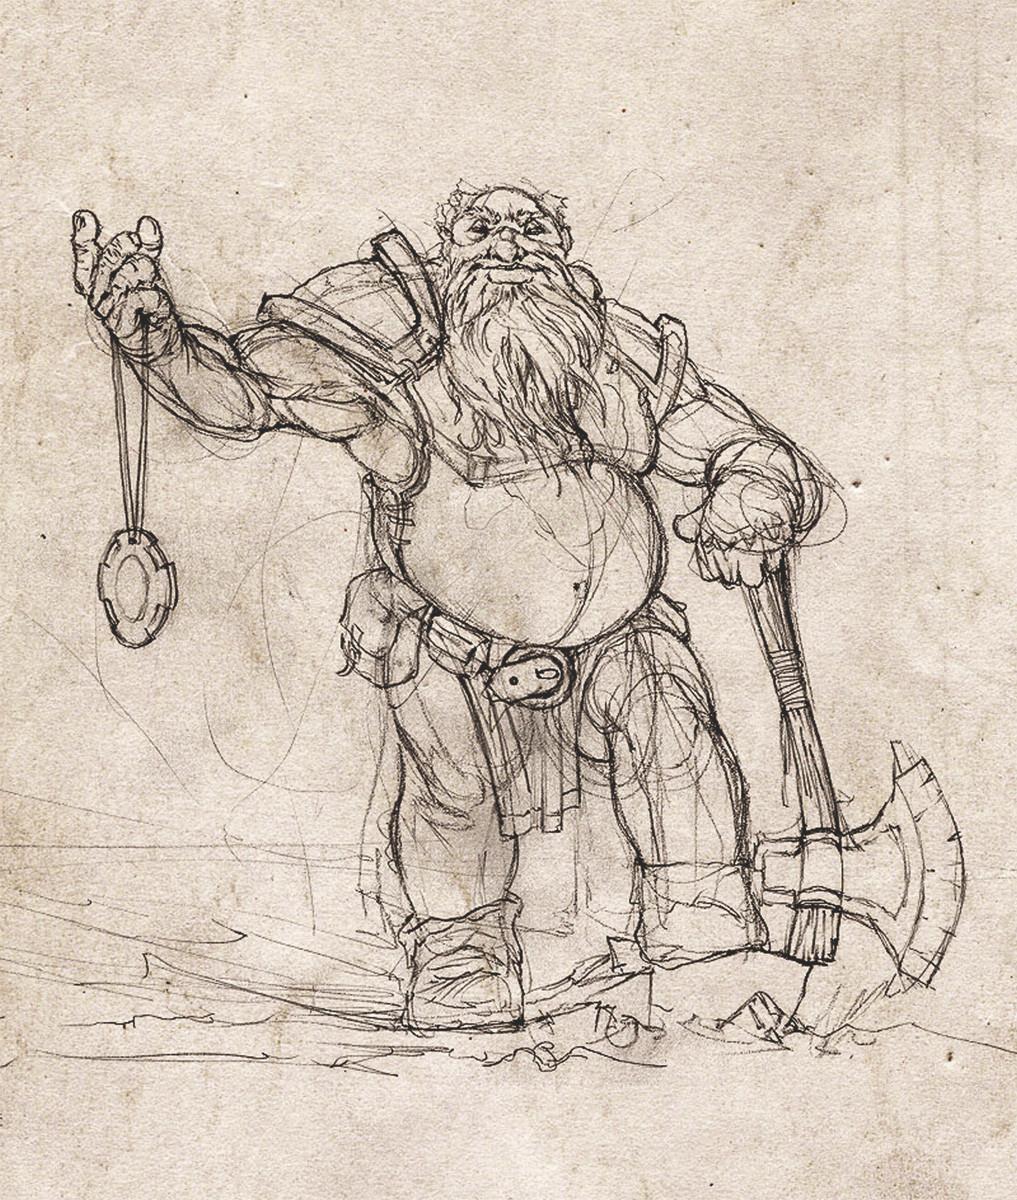 Grzegorz rutkowski dwarf sketch